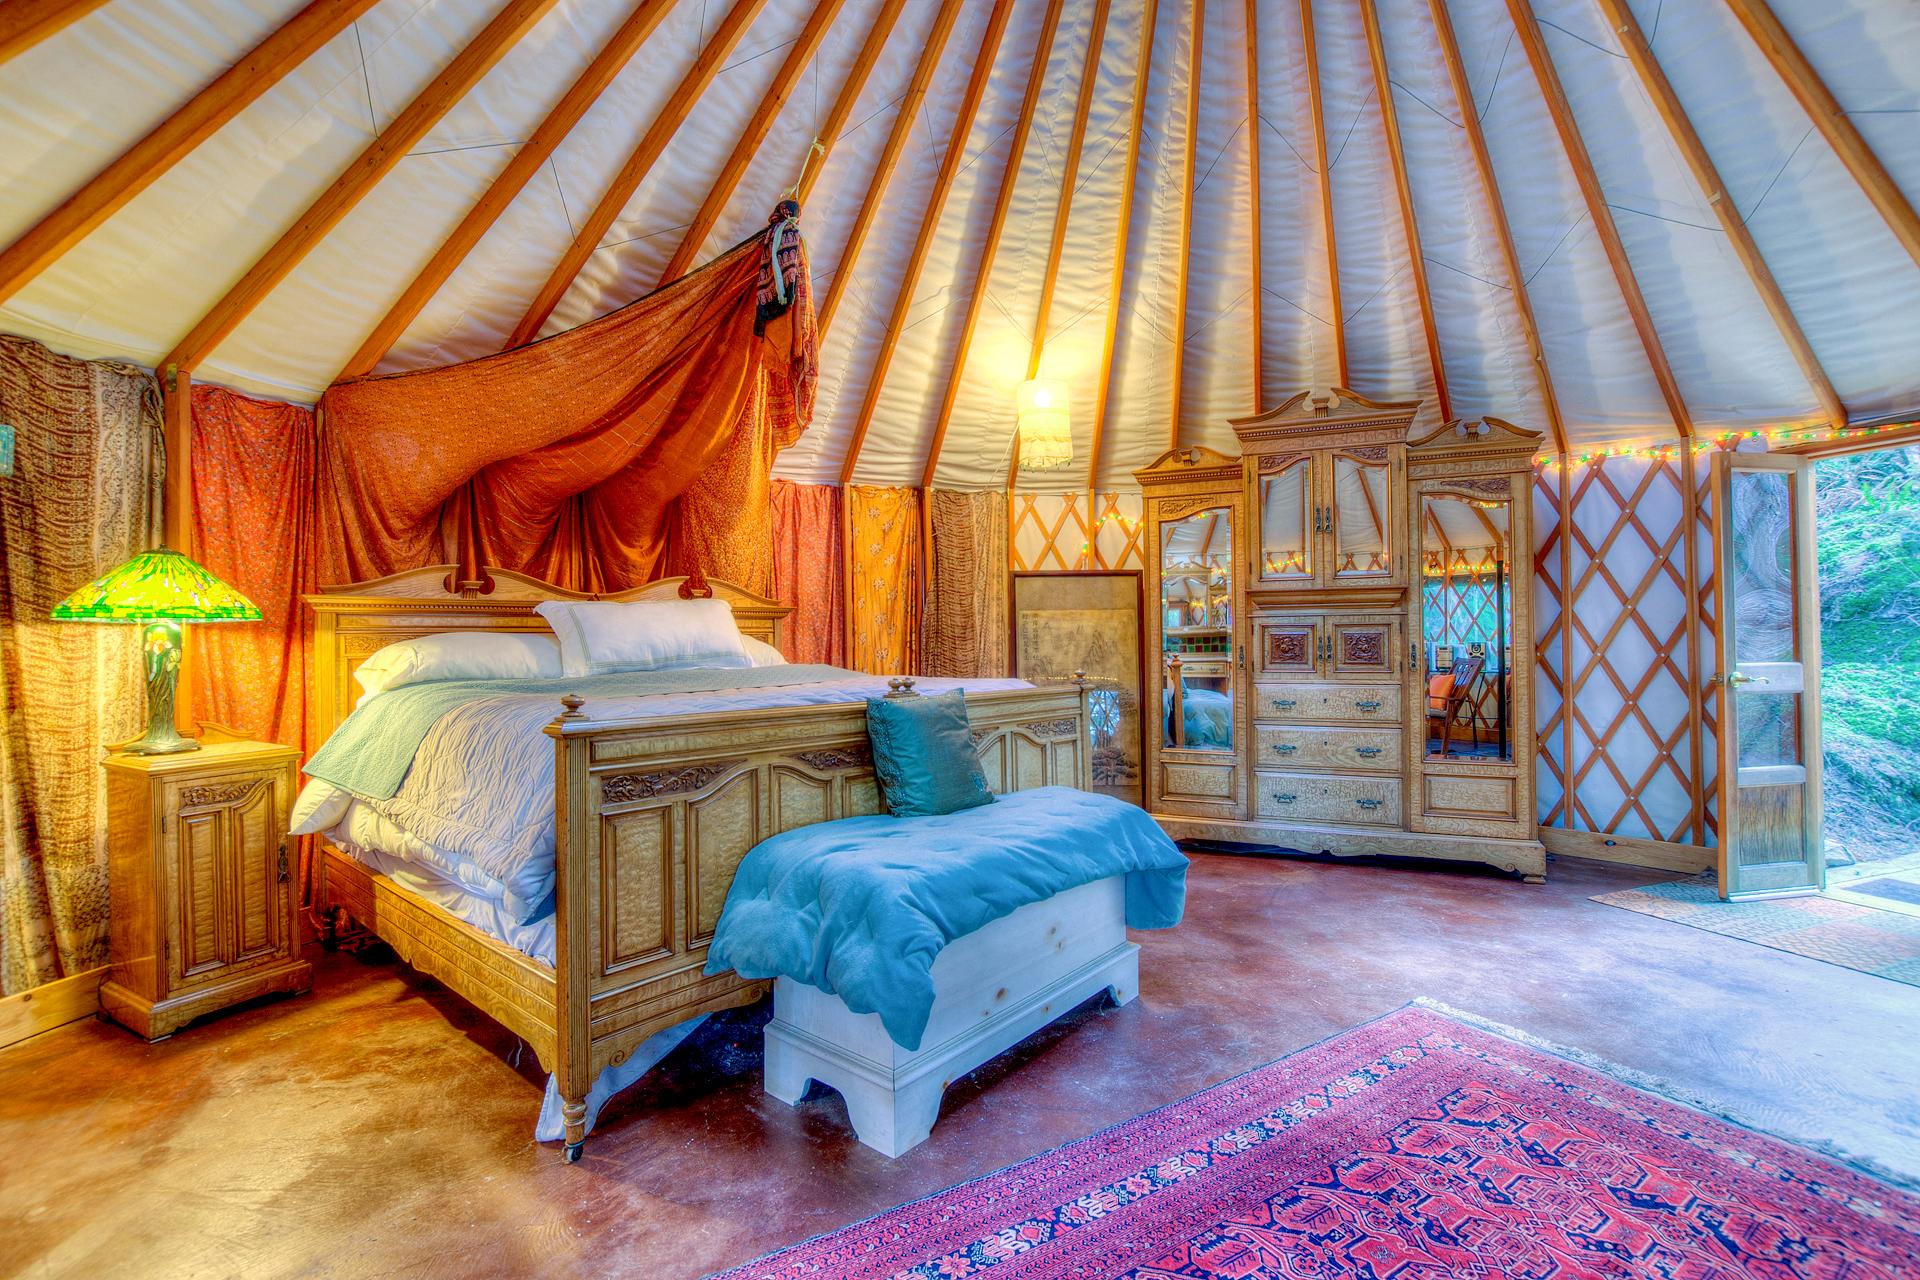 Yurt Fabric